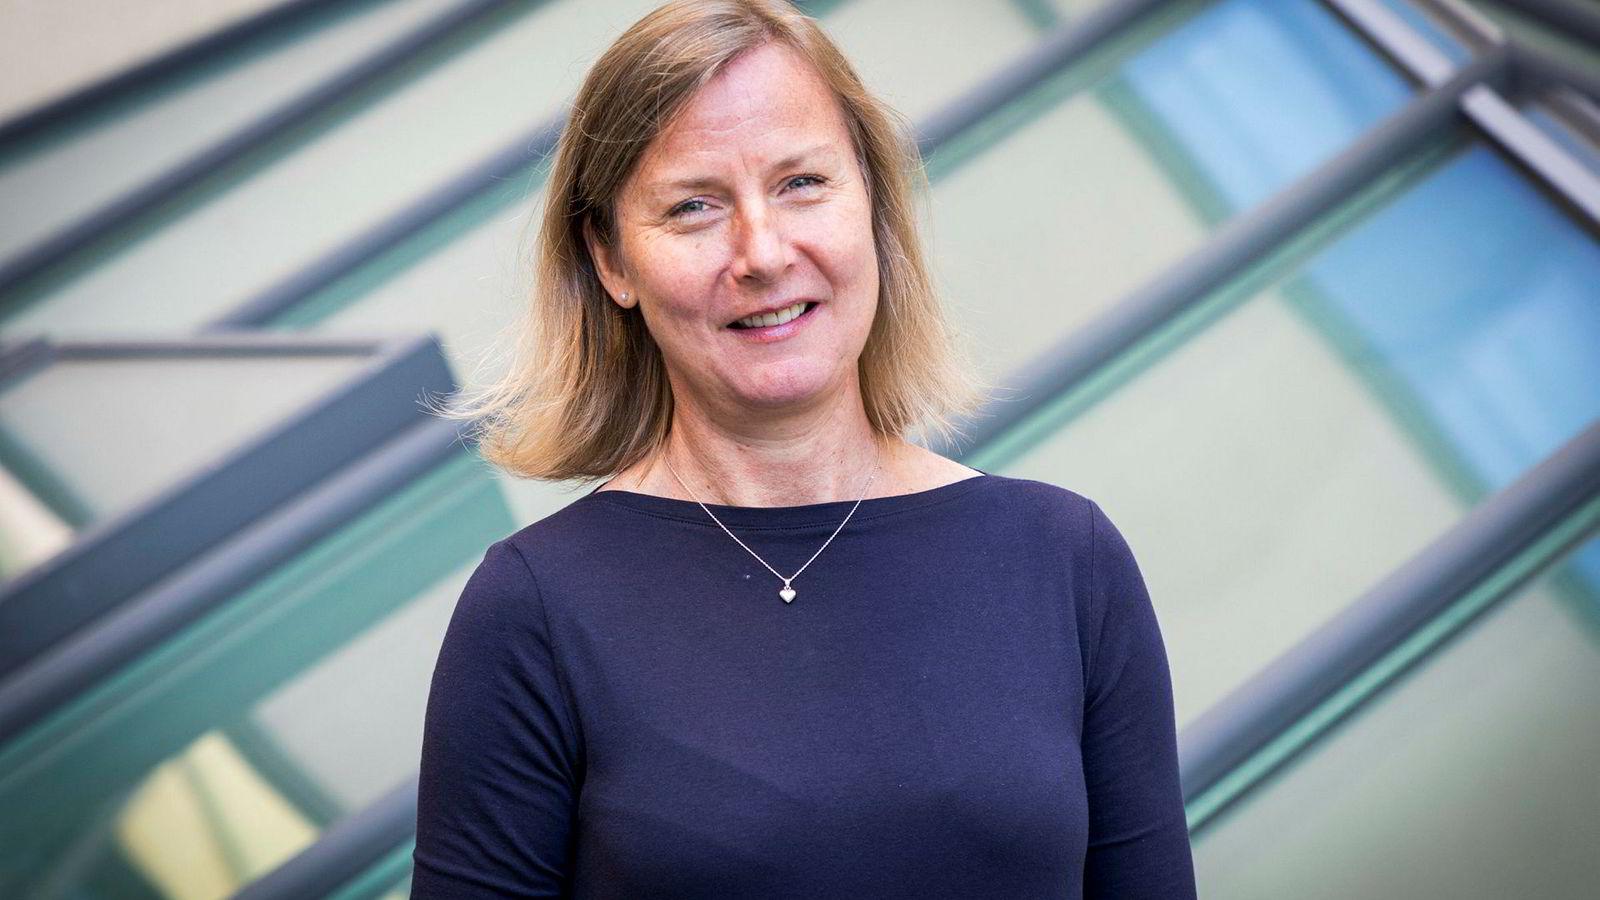 Det er grunn til å reagere strengt når den klart største aktøren i markedet begår overtramp slik vi har sett i denne saken, sier Nkom-sjef Elisabeth Aarsæther.